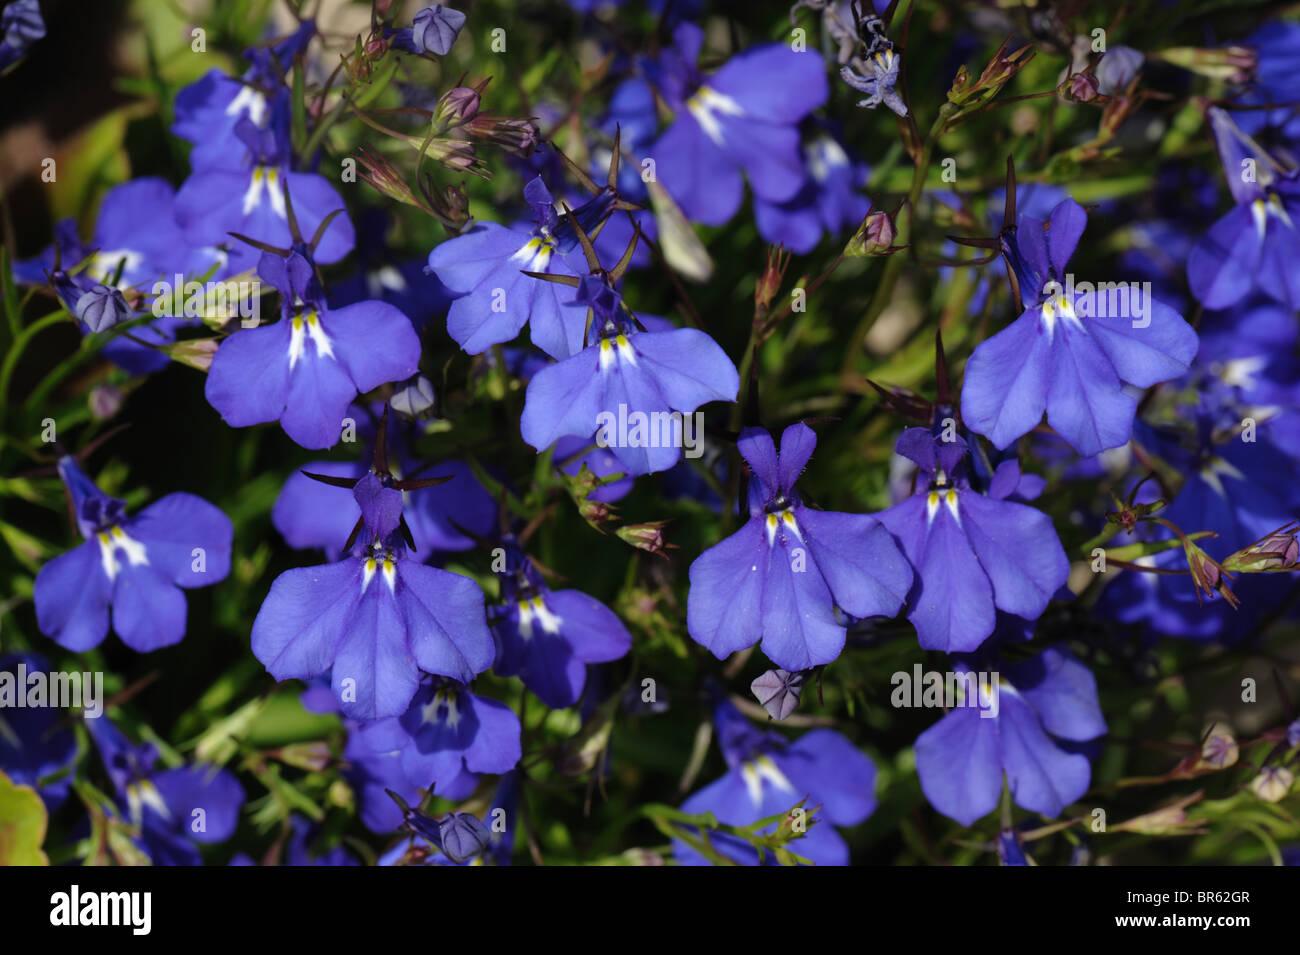 garten container, nachgestellte blau lobelia erinus in blume im garten-container, Design ideen